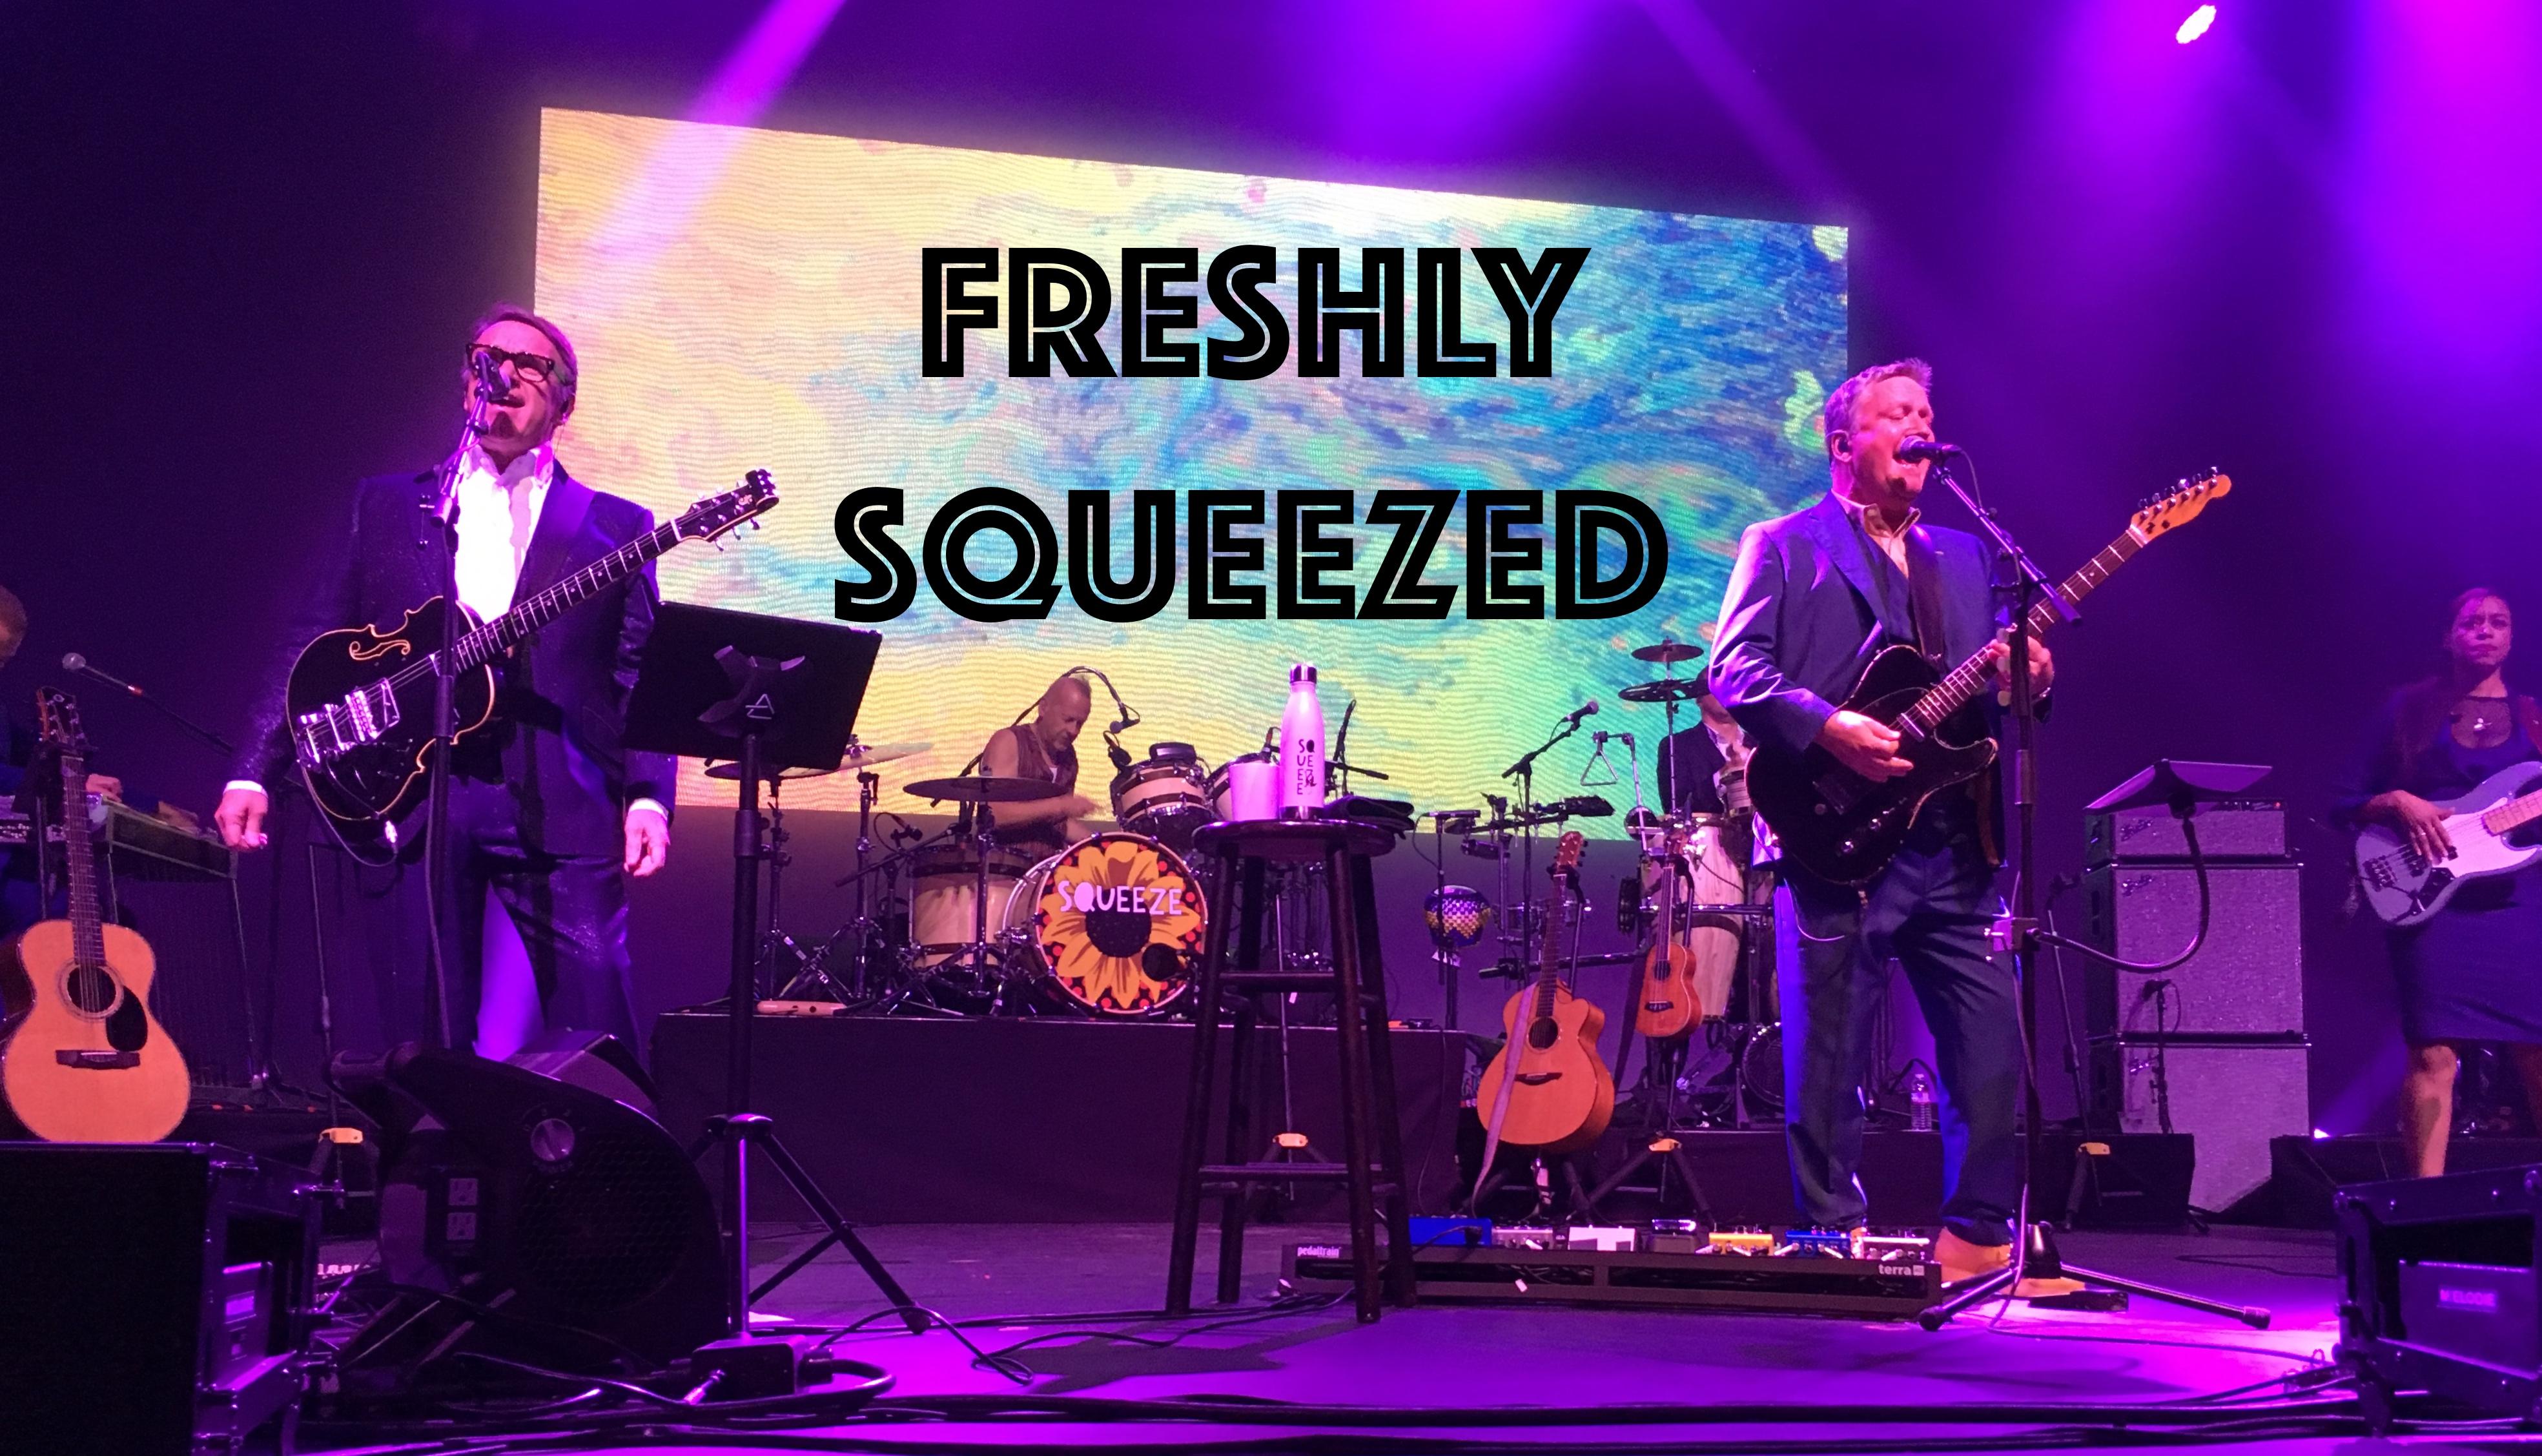 Freshly Squeezed, InnerEdgeMusic.com